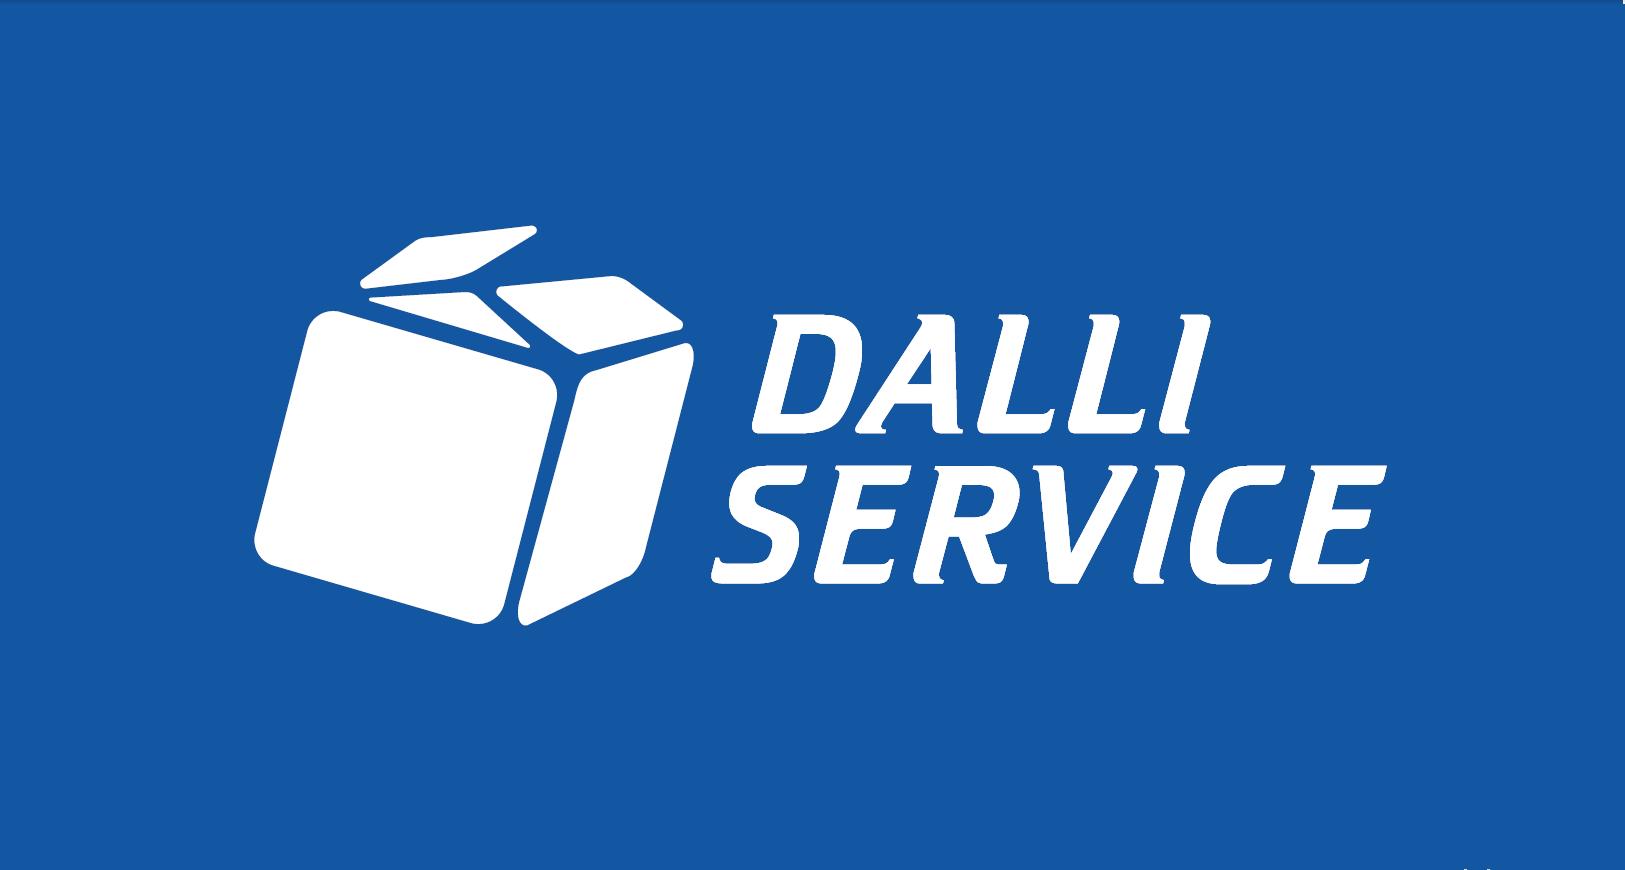 Dalli Service